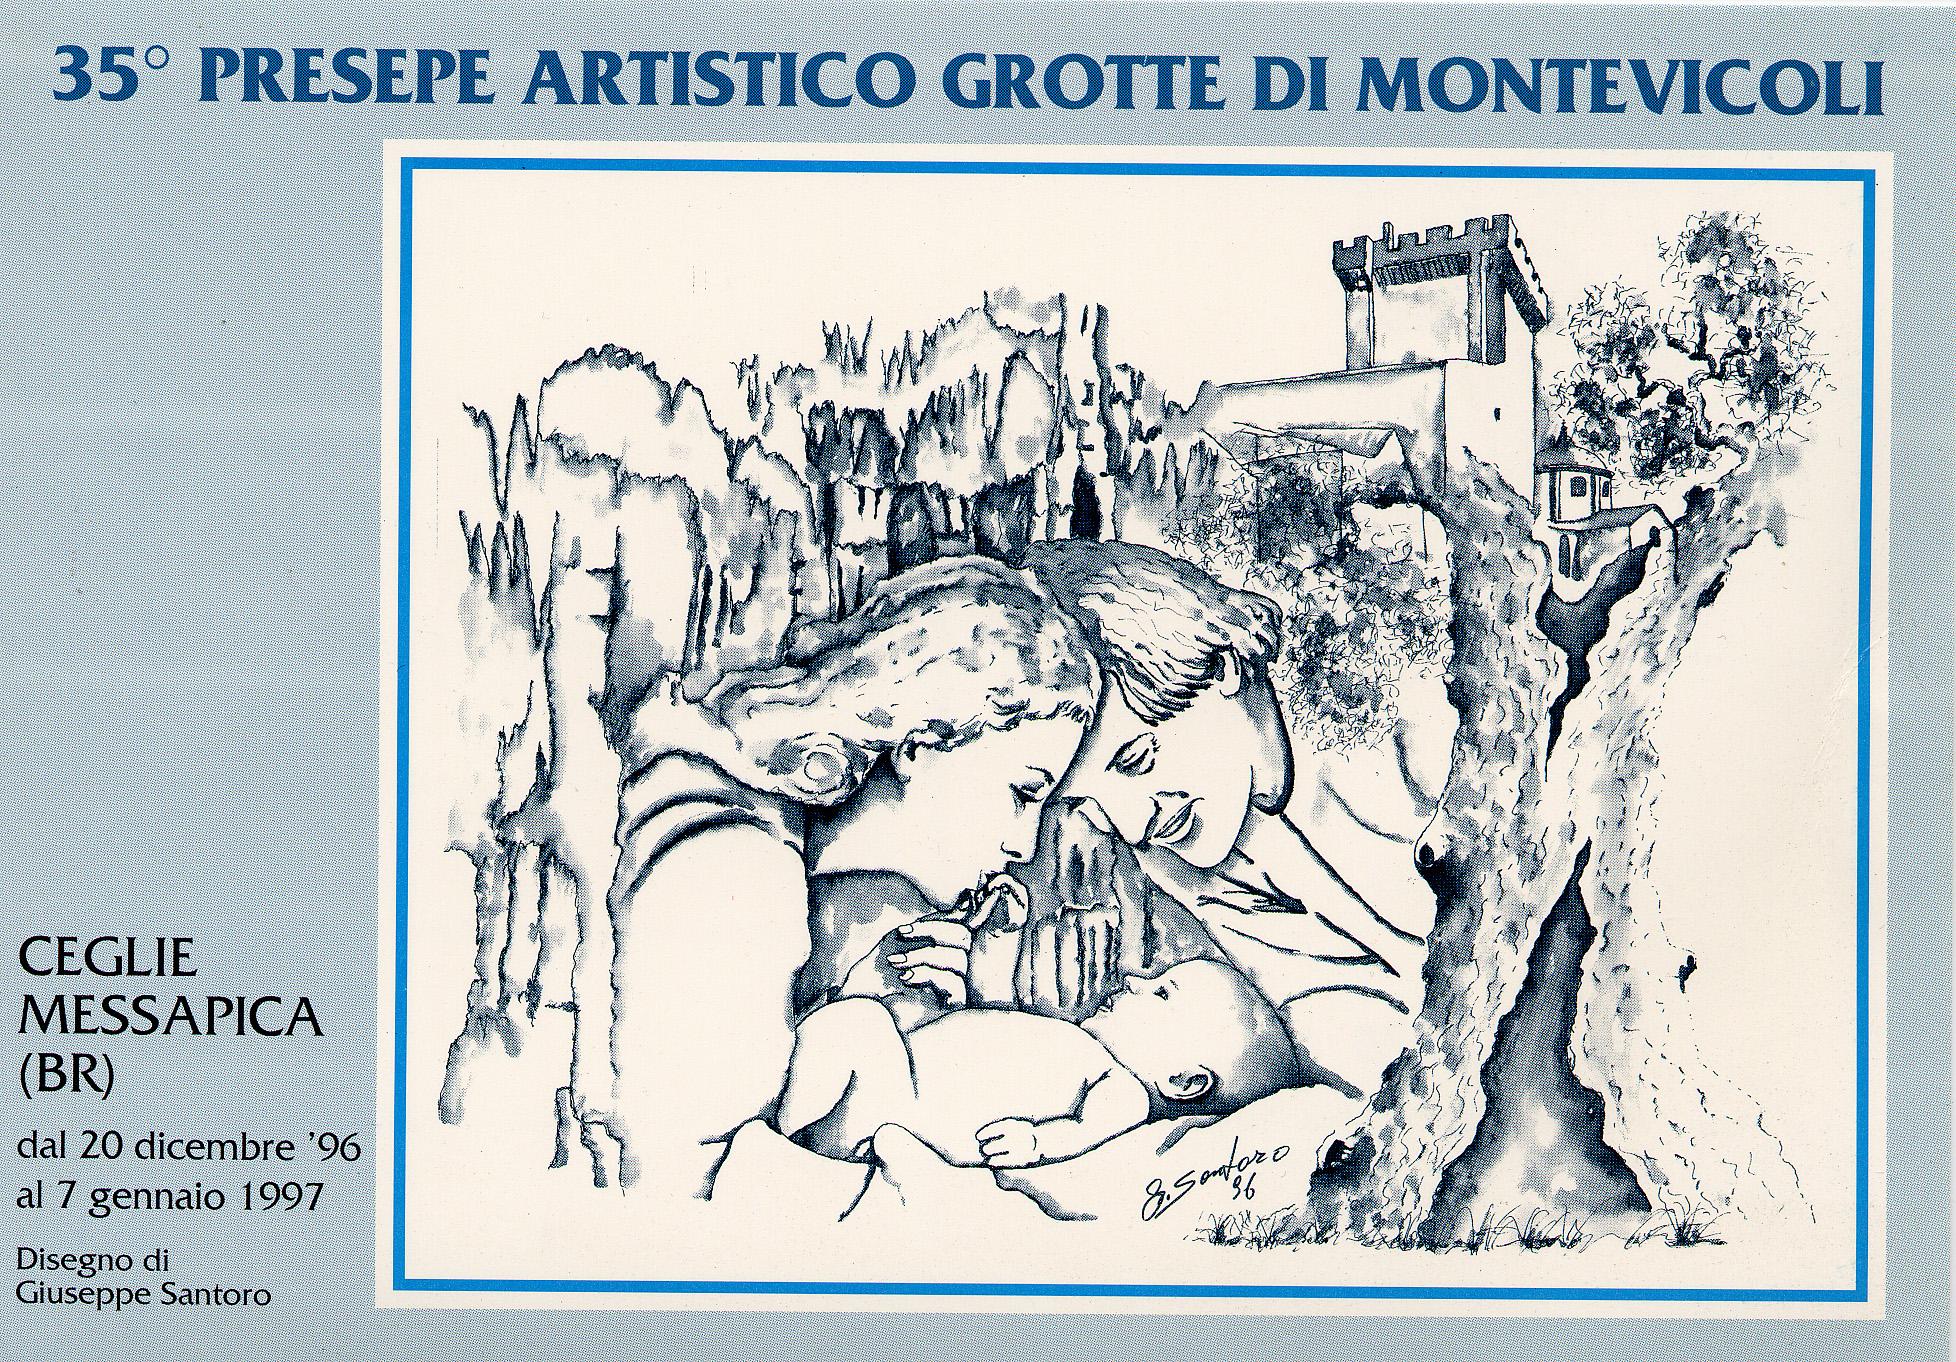 La via crucis delle Grotte di Montevicoli